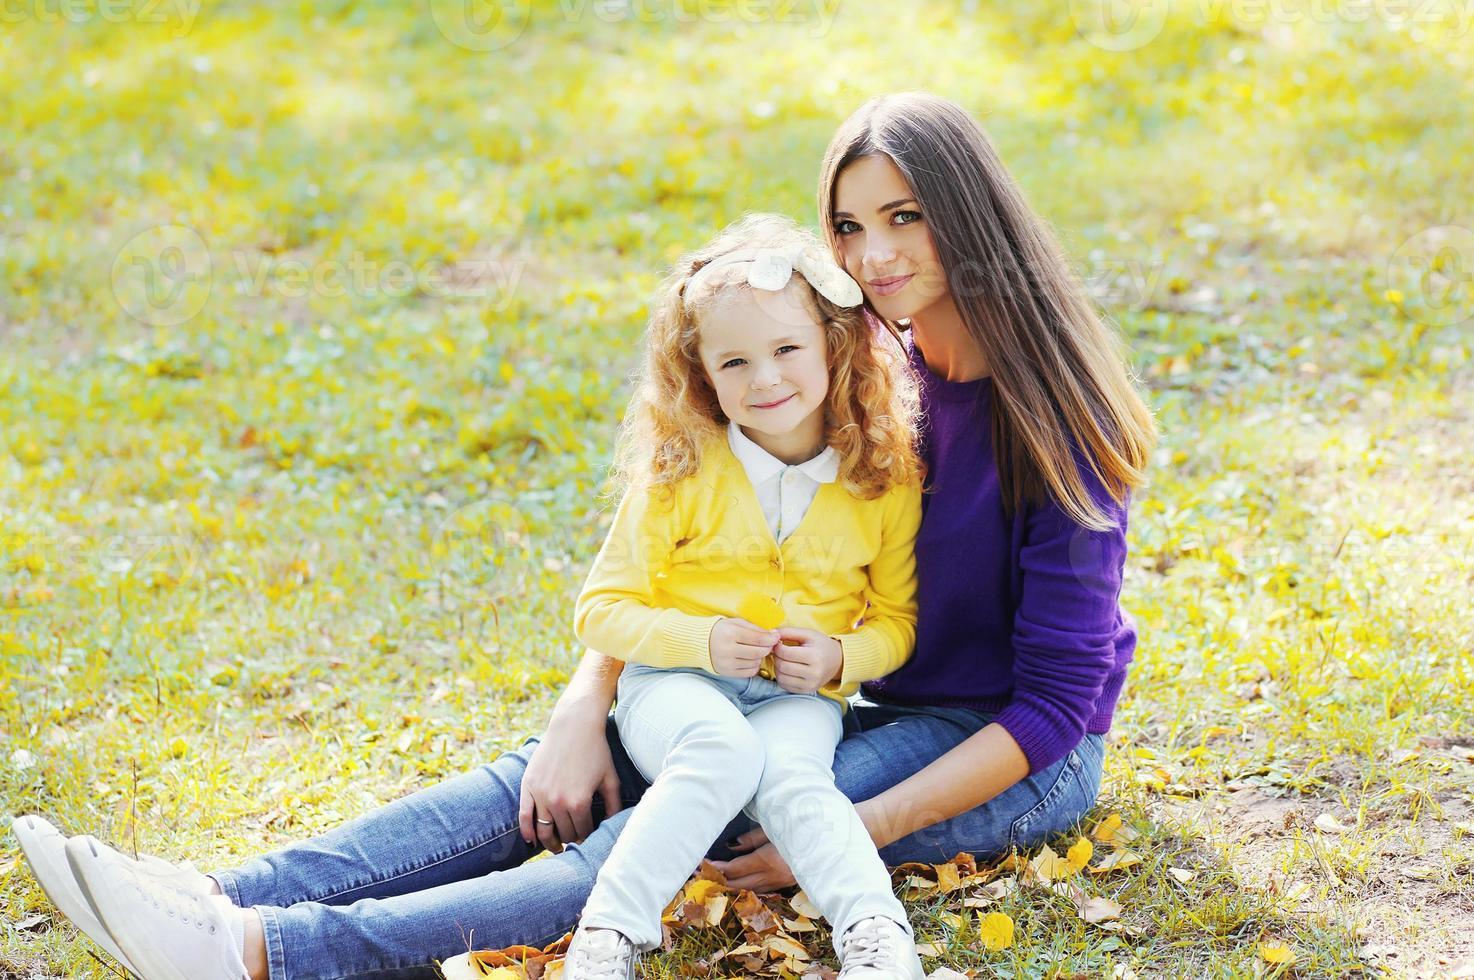 família feliz no parque outono, mãe com criança junto foto